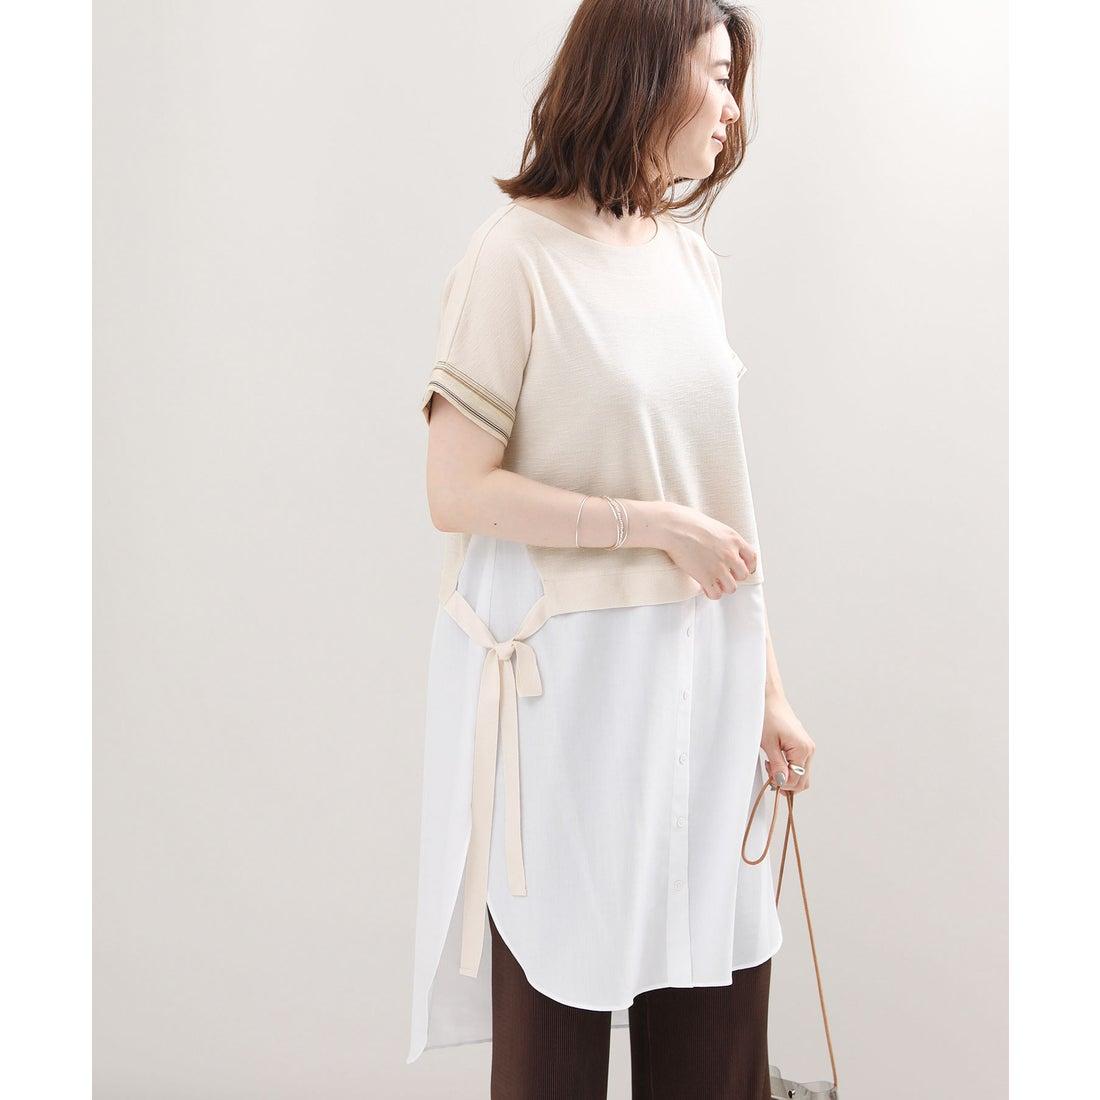 ロコンド 靴とファッションの通販サイトGready Brilliant レイヤード風チュニック(オフホワイト)【返品不可商品】